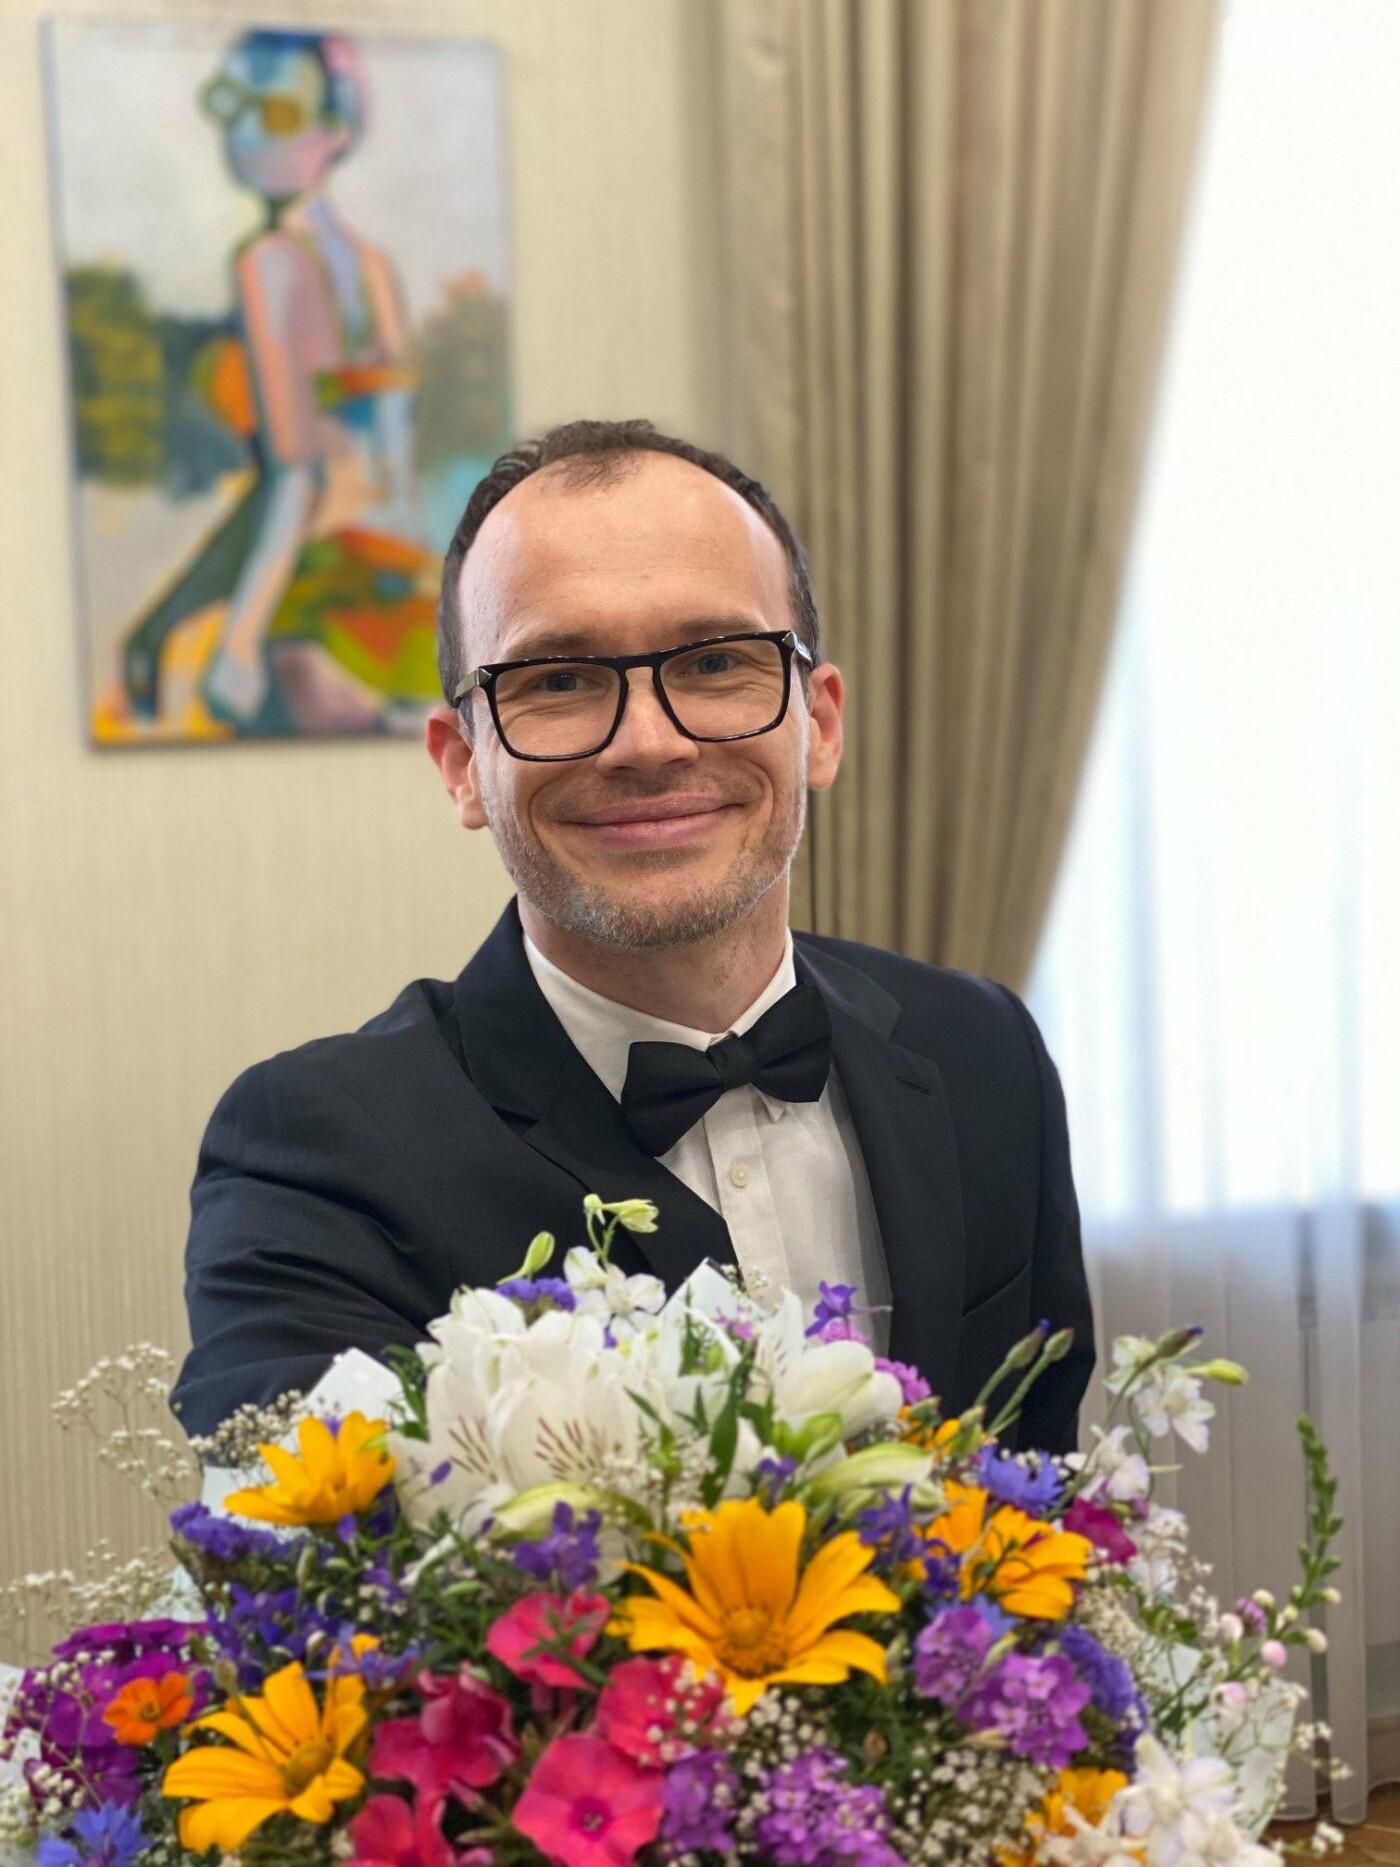 Подарок ко дню рождения - камера в СИЗО, - Минюст предложил украинцам новую услугу, фото-1